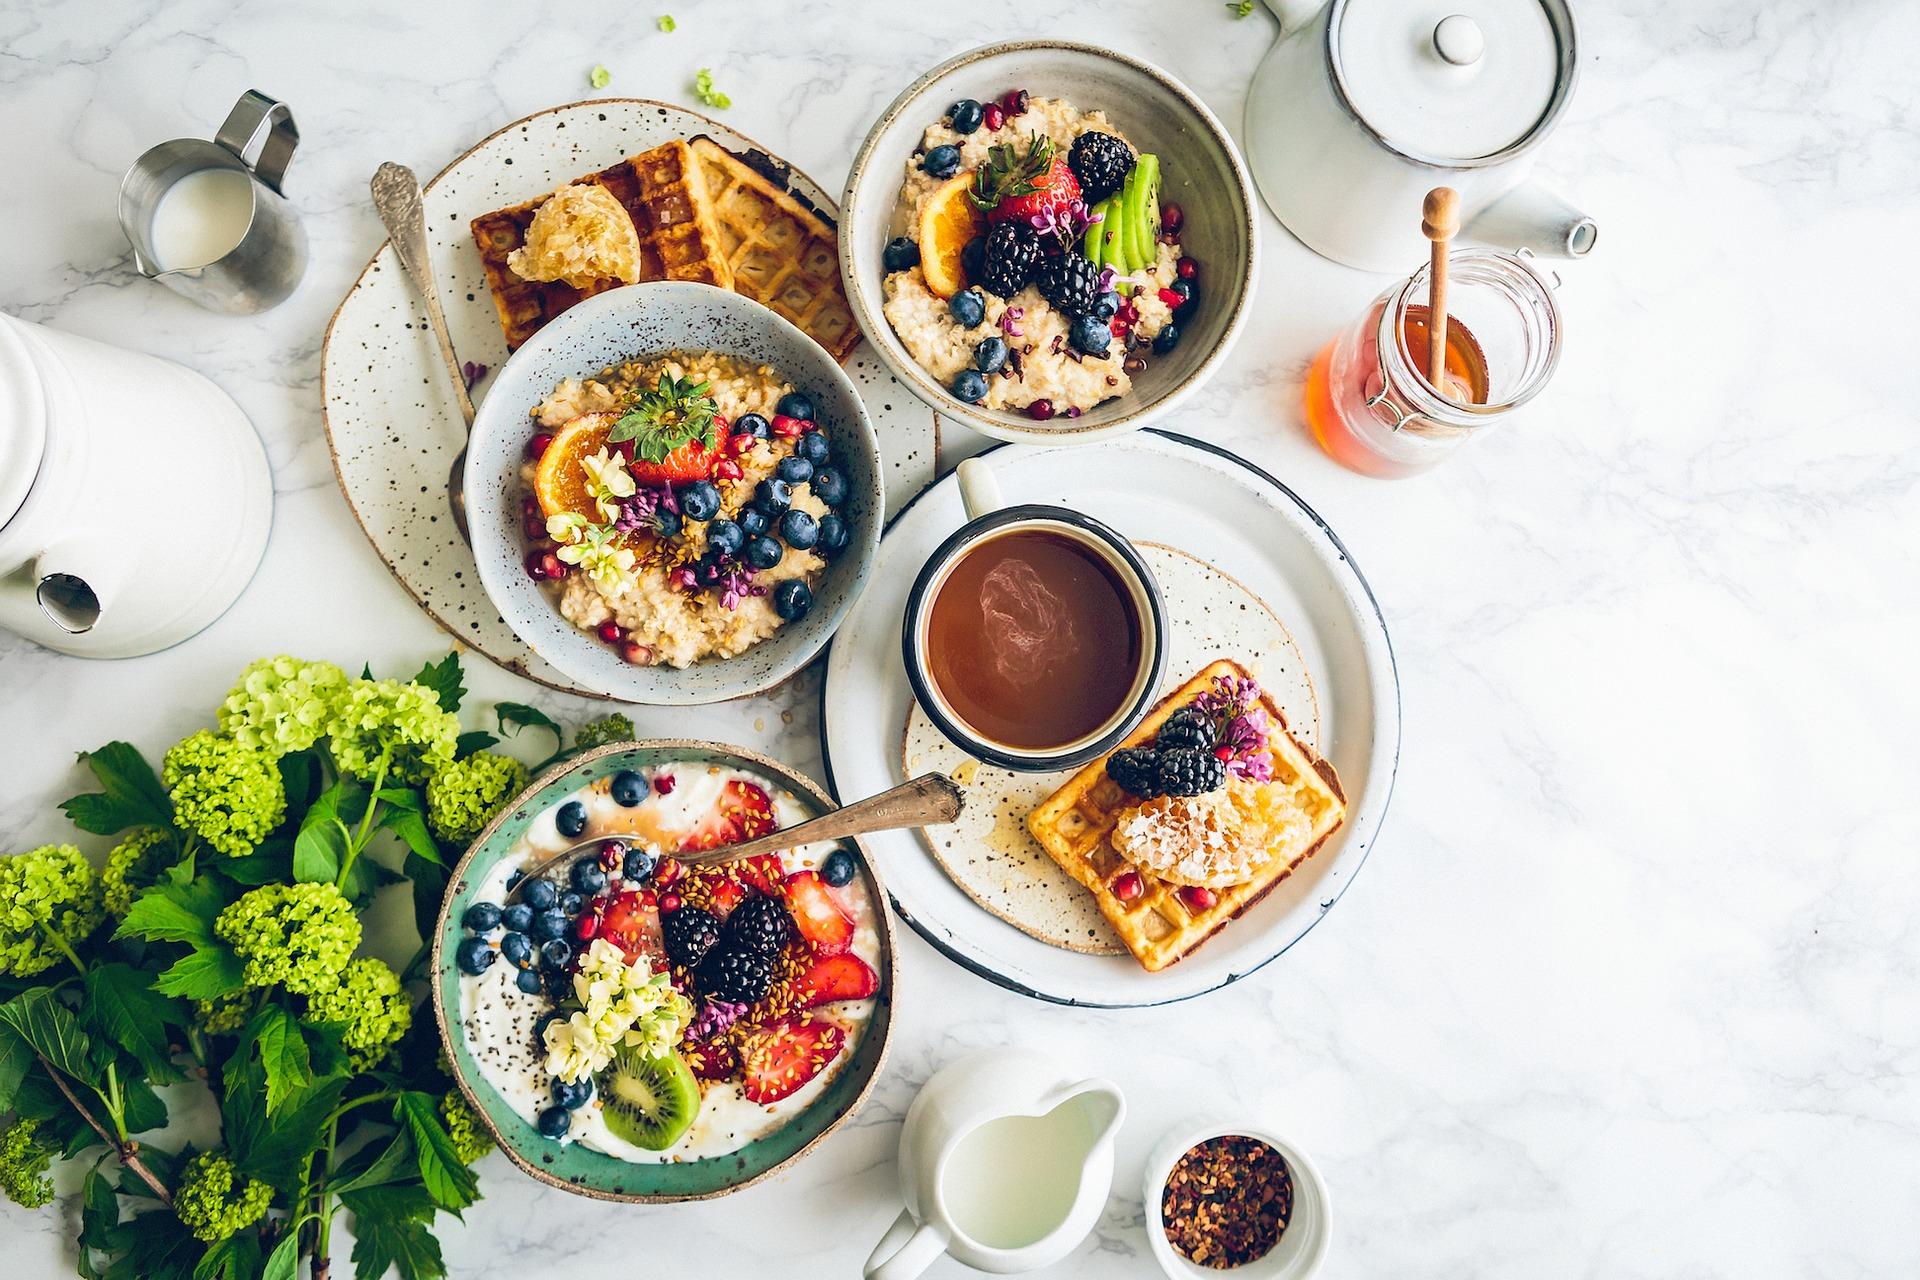 desayuno rico en macronutrientes